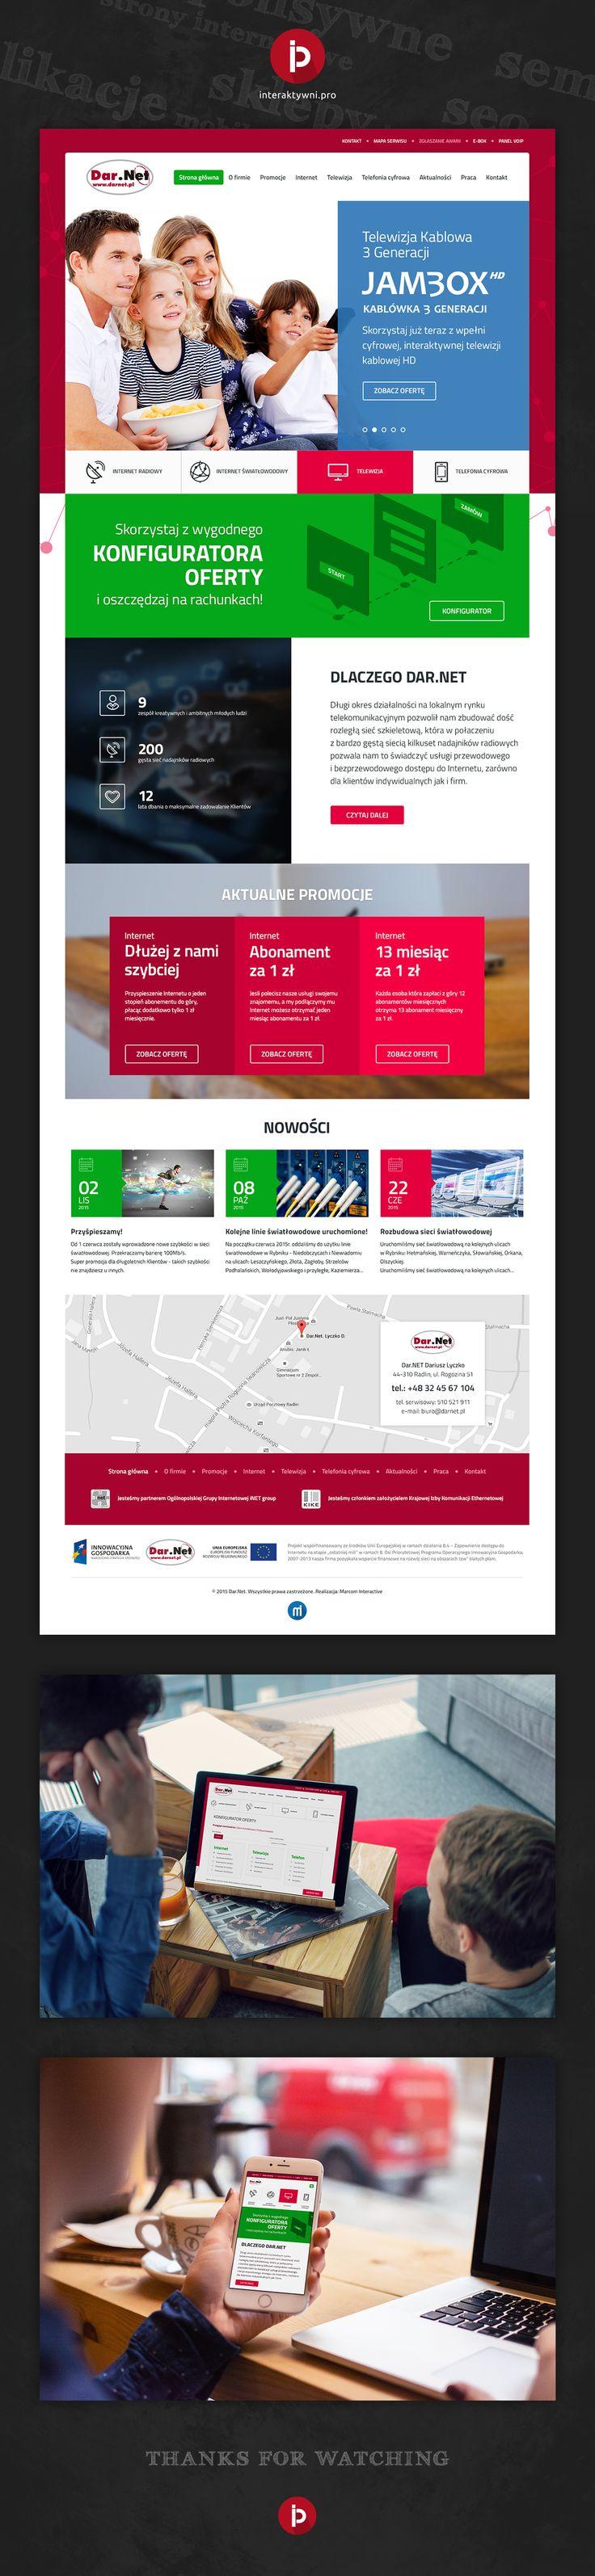 Responsywna strona internetowa dostawcy internetu i usług telekomunikacyjnych na śląsku - firmy Darnet. // Responsive website of internet provider and telecommunications services in Silesia - the company Darnet. #responsywnestronyinternetowe #interaktywni #stronyinternetowe